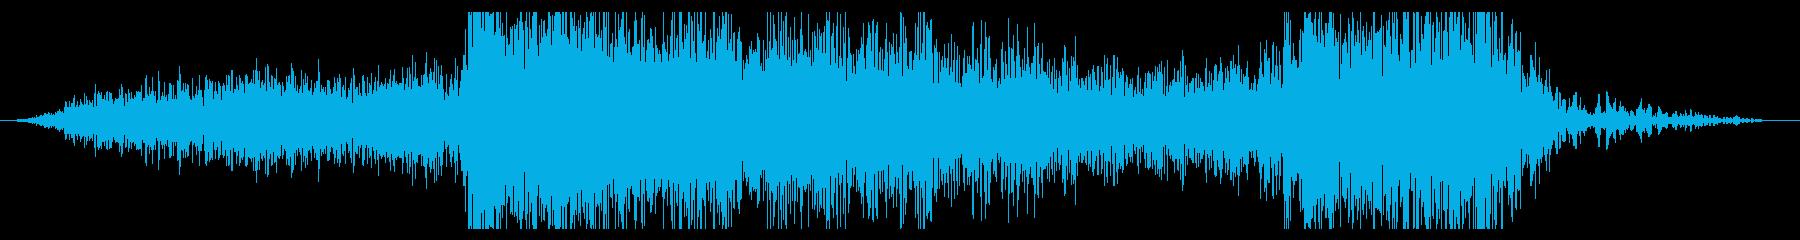 宇宙船またはビークル:クラッシュの再生済みの波形